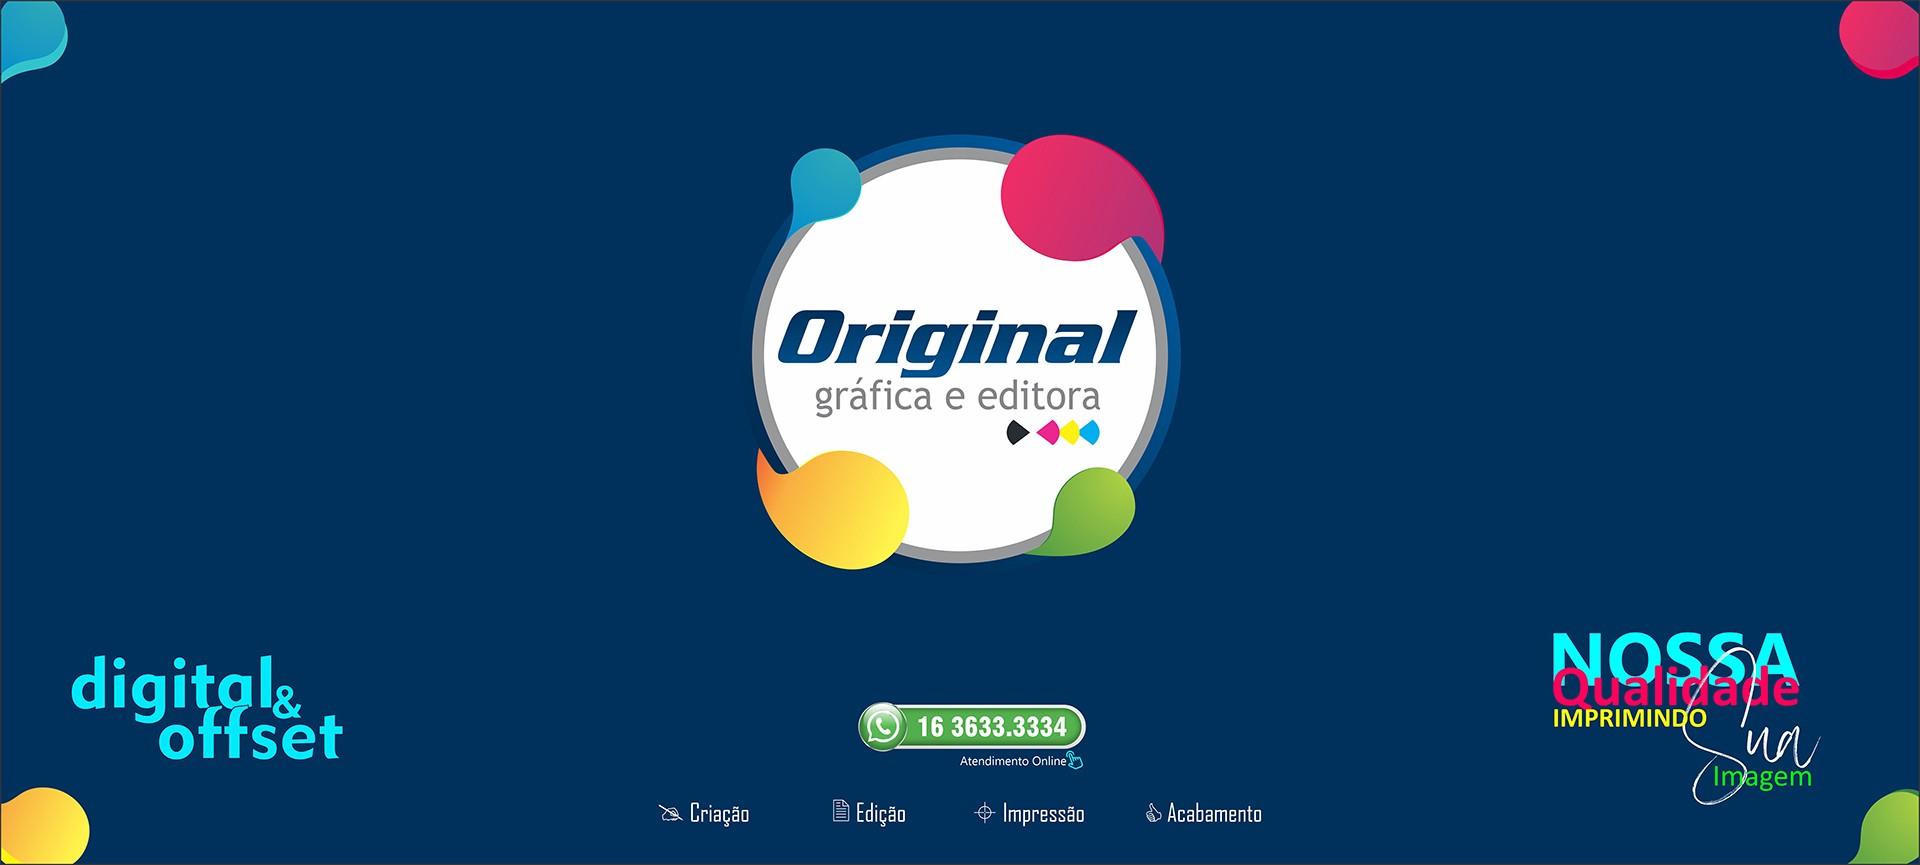 Original Gráfica e Editora - Ribeirão Preto (SP)